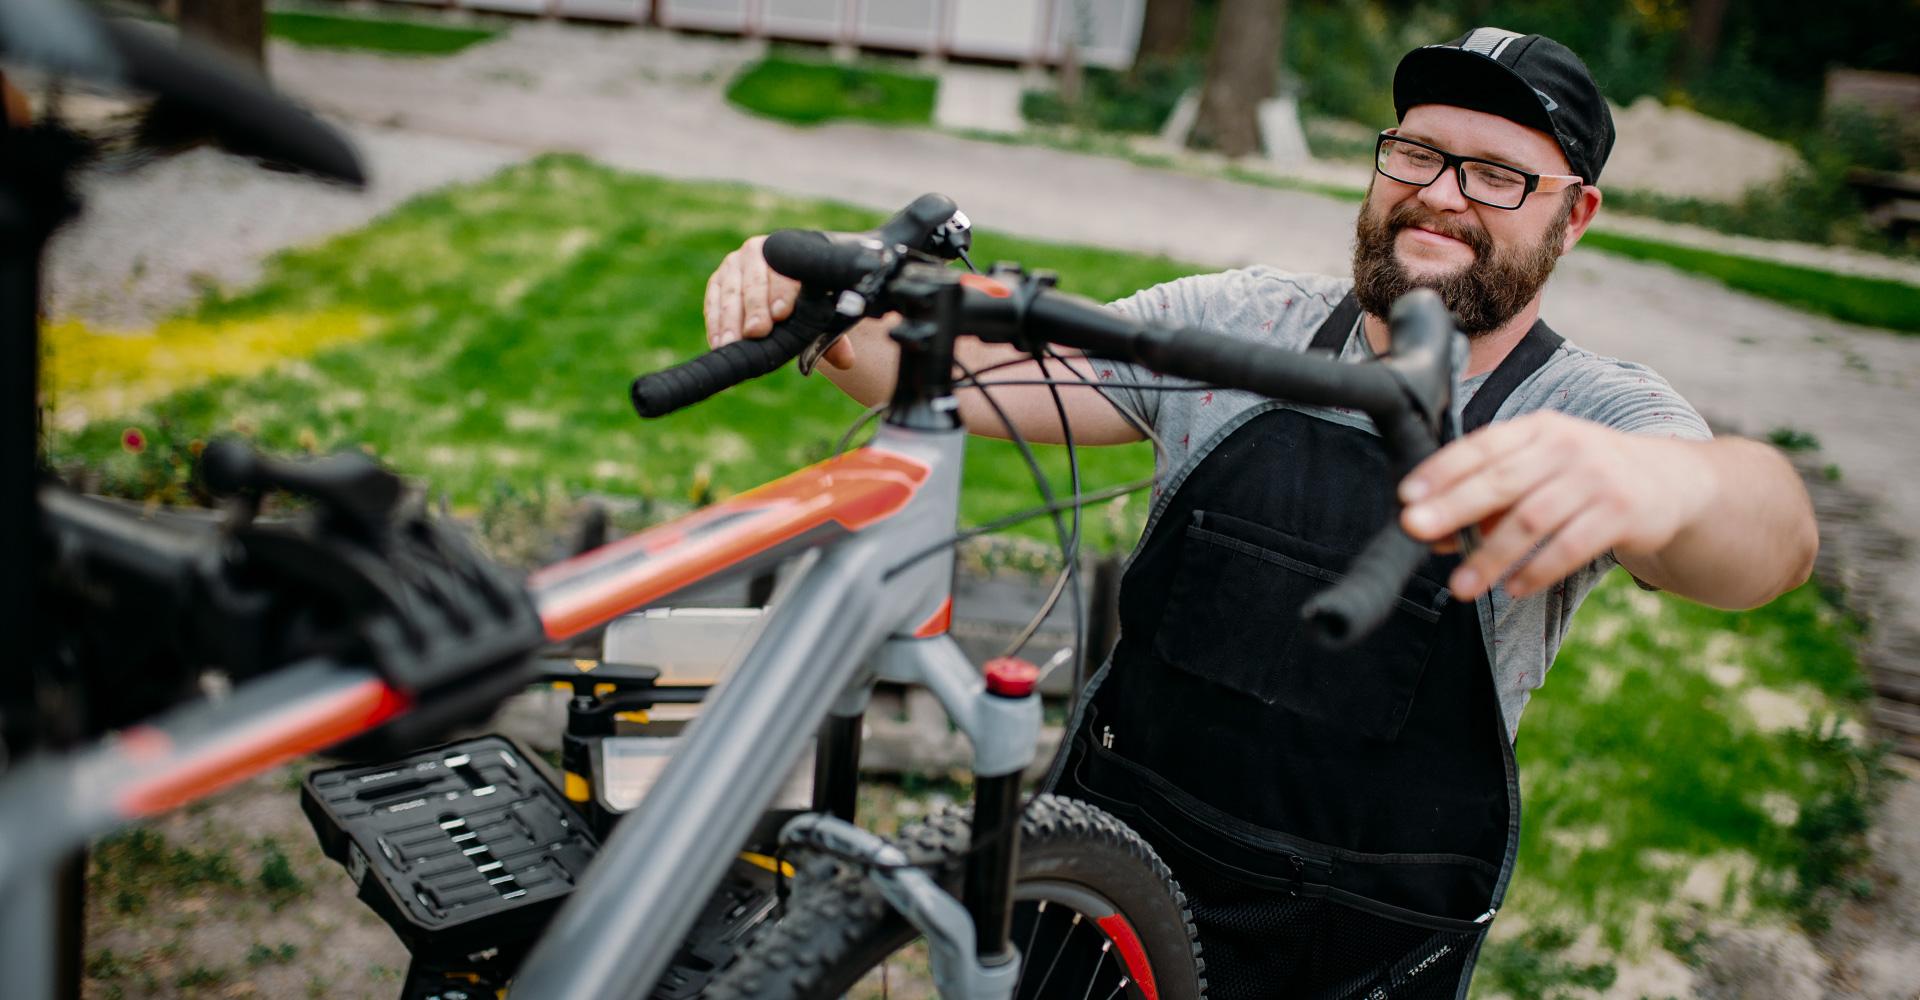 Je fiets onderhouden, dat doet je zo!